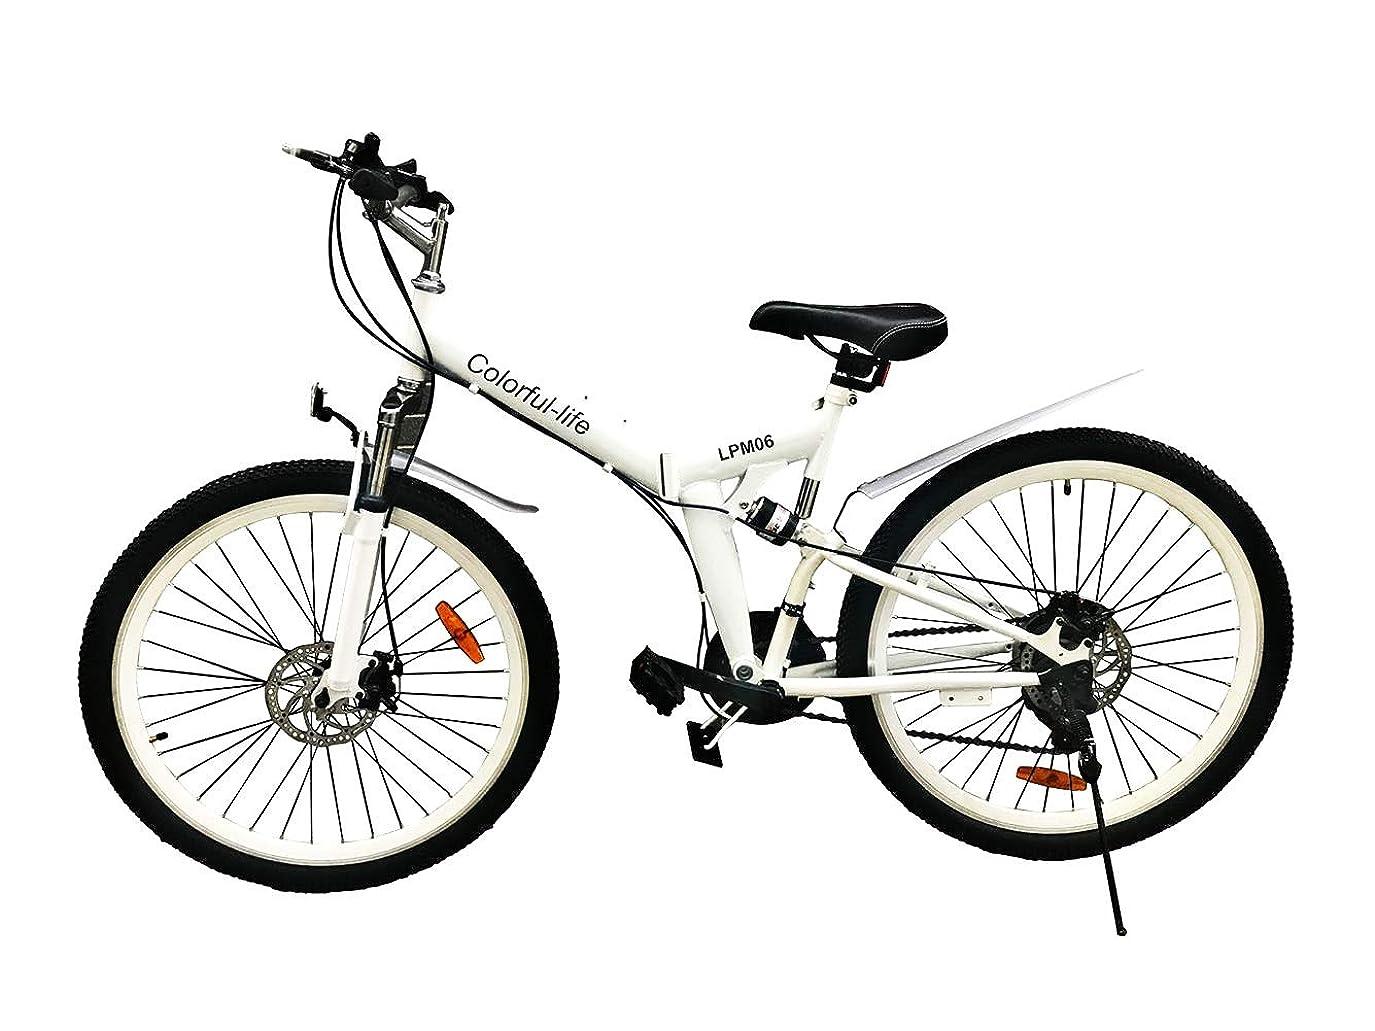 数学者チェスをする成人期Colorful-life 26インチ 高炭素鋼 折り畳み自転車 SHIMANO ディレイラー シマノ 21段変速 マウンテンバイク フロント&リアサスペンション 男女通用